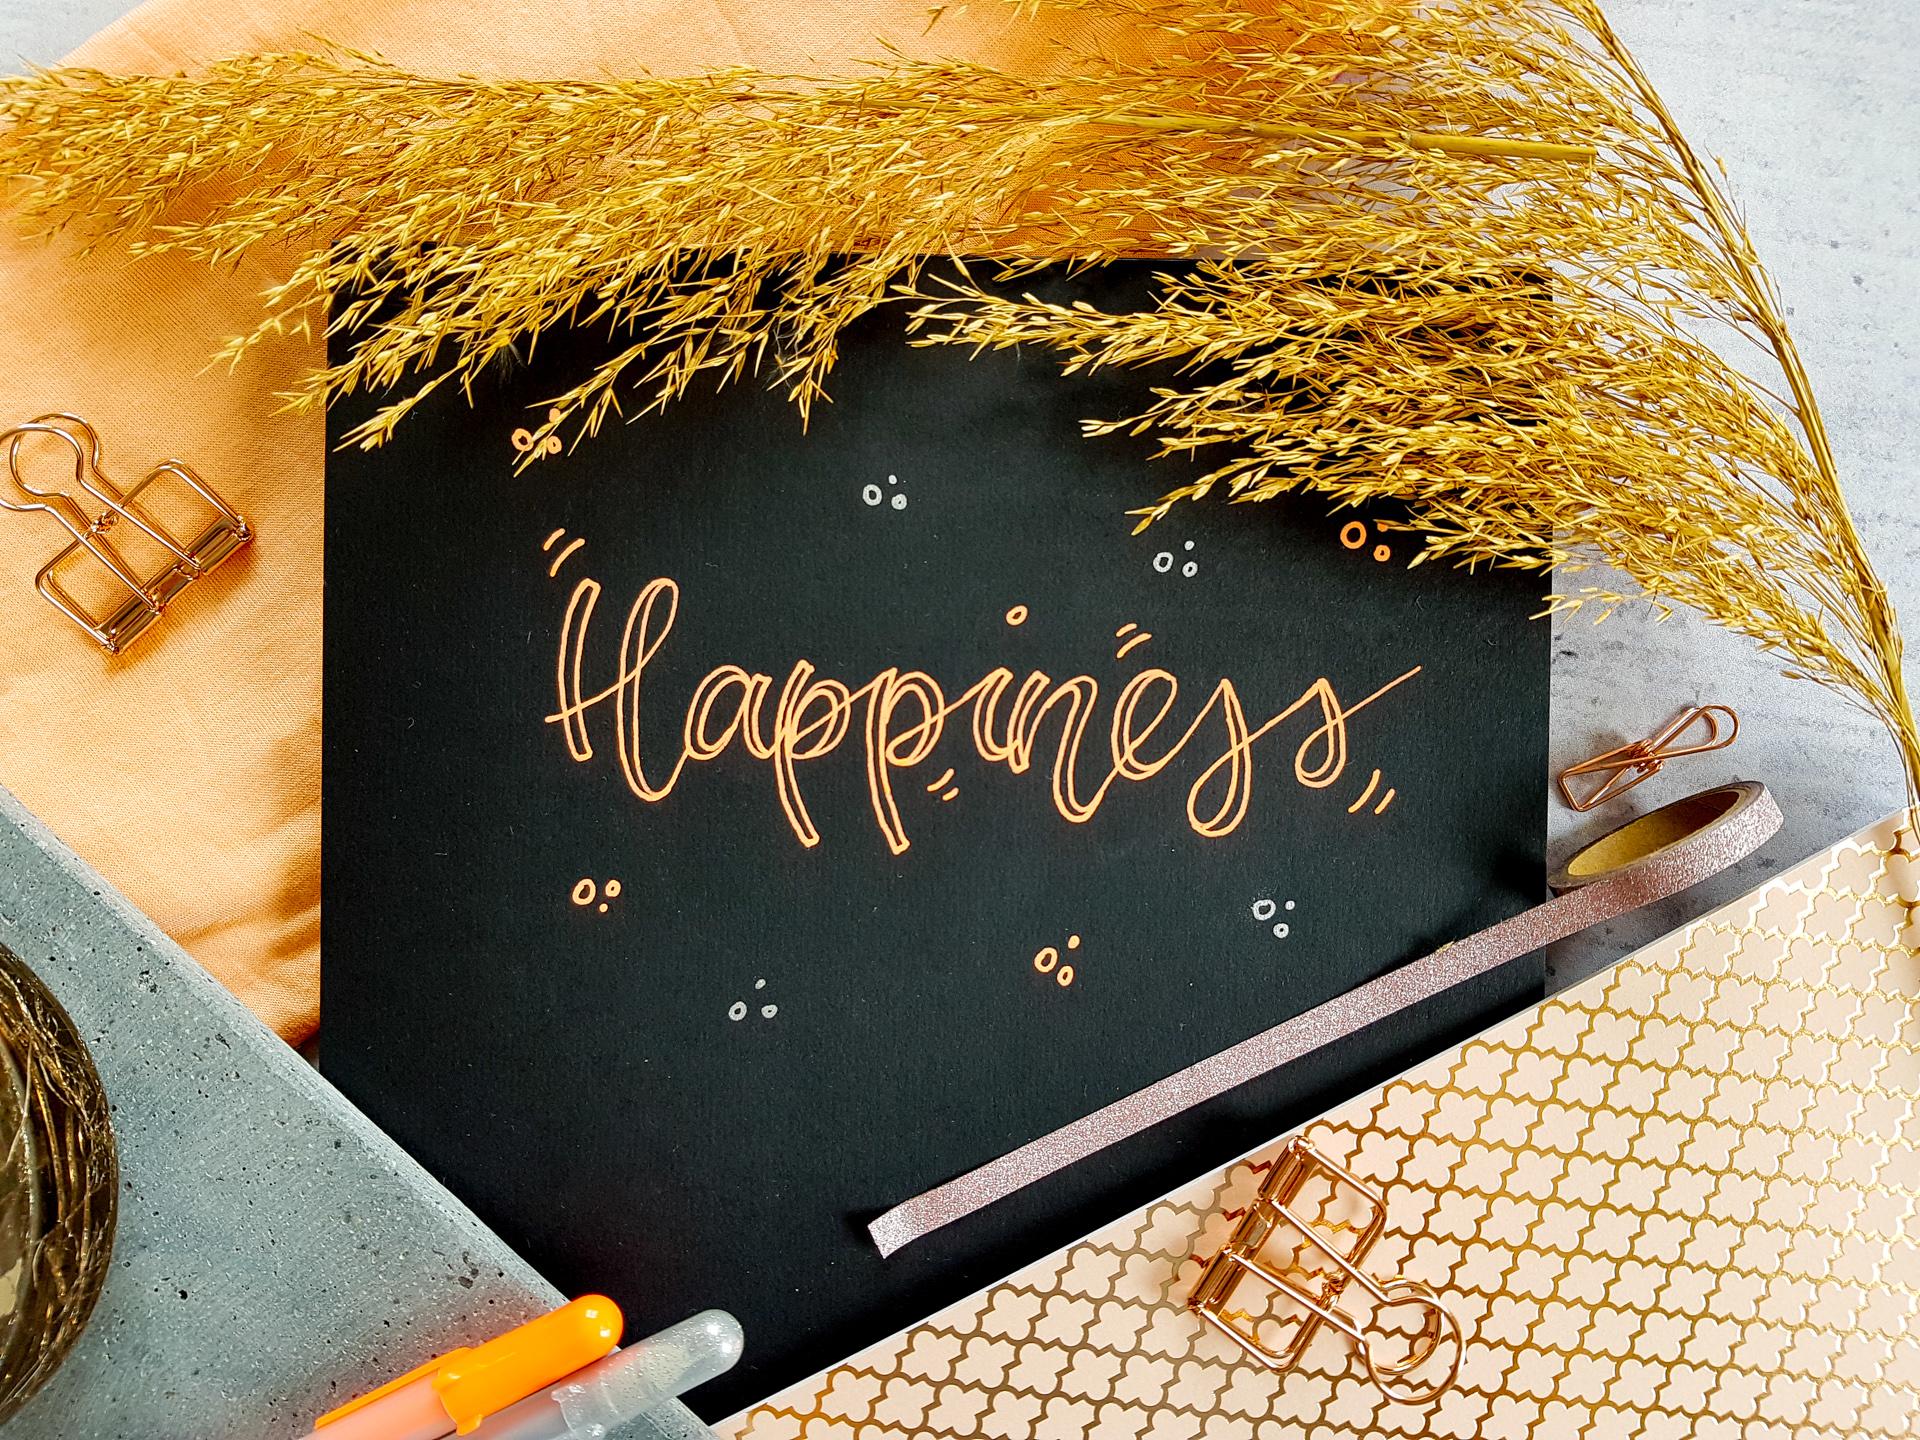 """Ein Lettering mit dem Wort """"Happiness"""" mit orange-leuchtenden Stiften im Faux-Calligraphie-Style auf schwarzem Papier"""